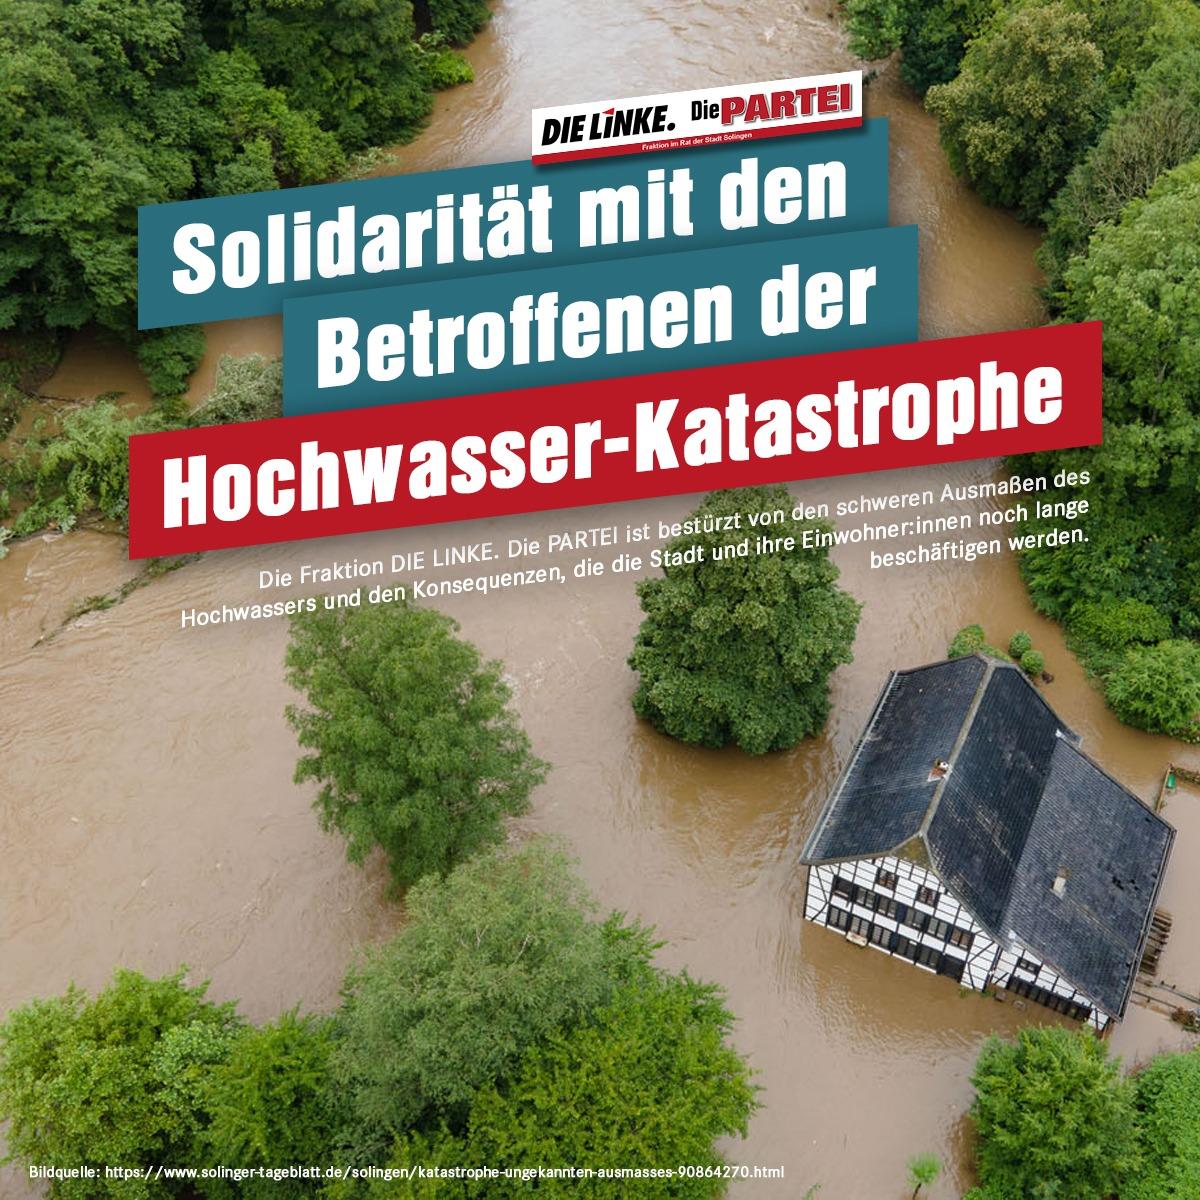 Solidarität mit den Betroffenen der Hochwasser-Katastrophe